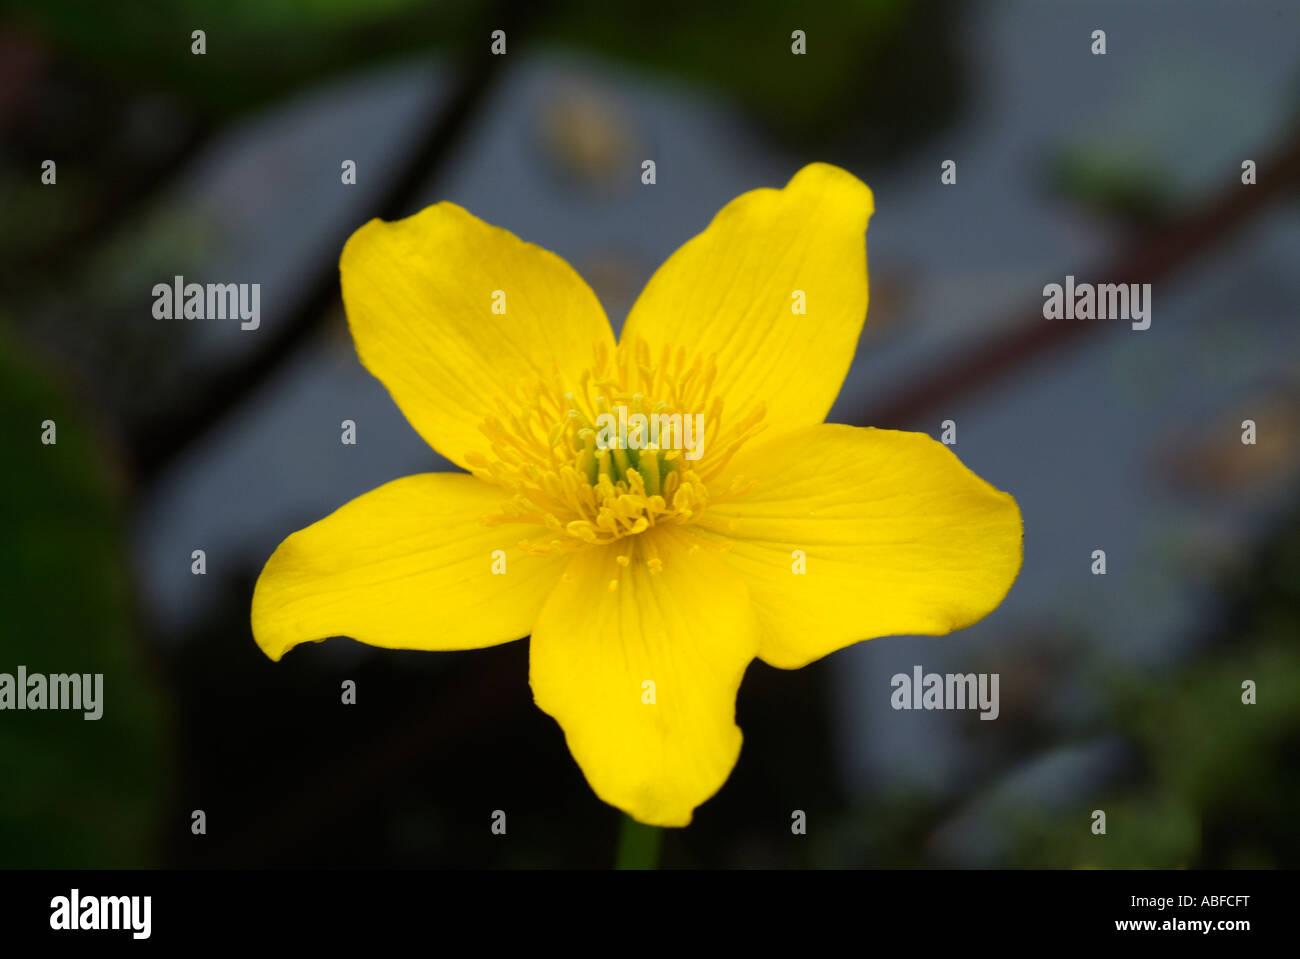 Caltha Palustris Populage des marais d'eau douce jaune fleur plante commune Kingcup les marais boisés humides sauvages d'or lumineux des fossés Banque D'Images